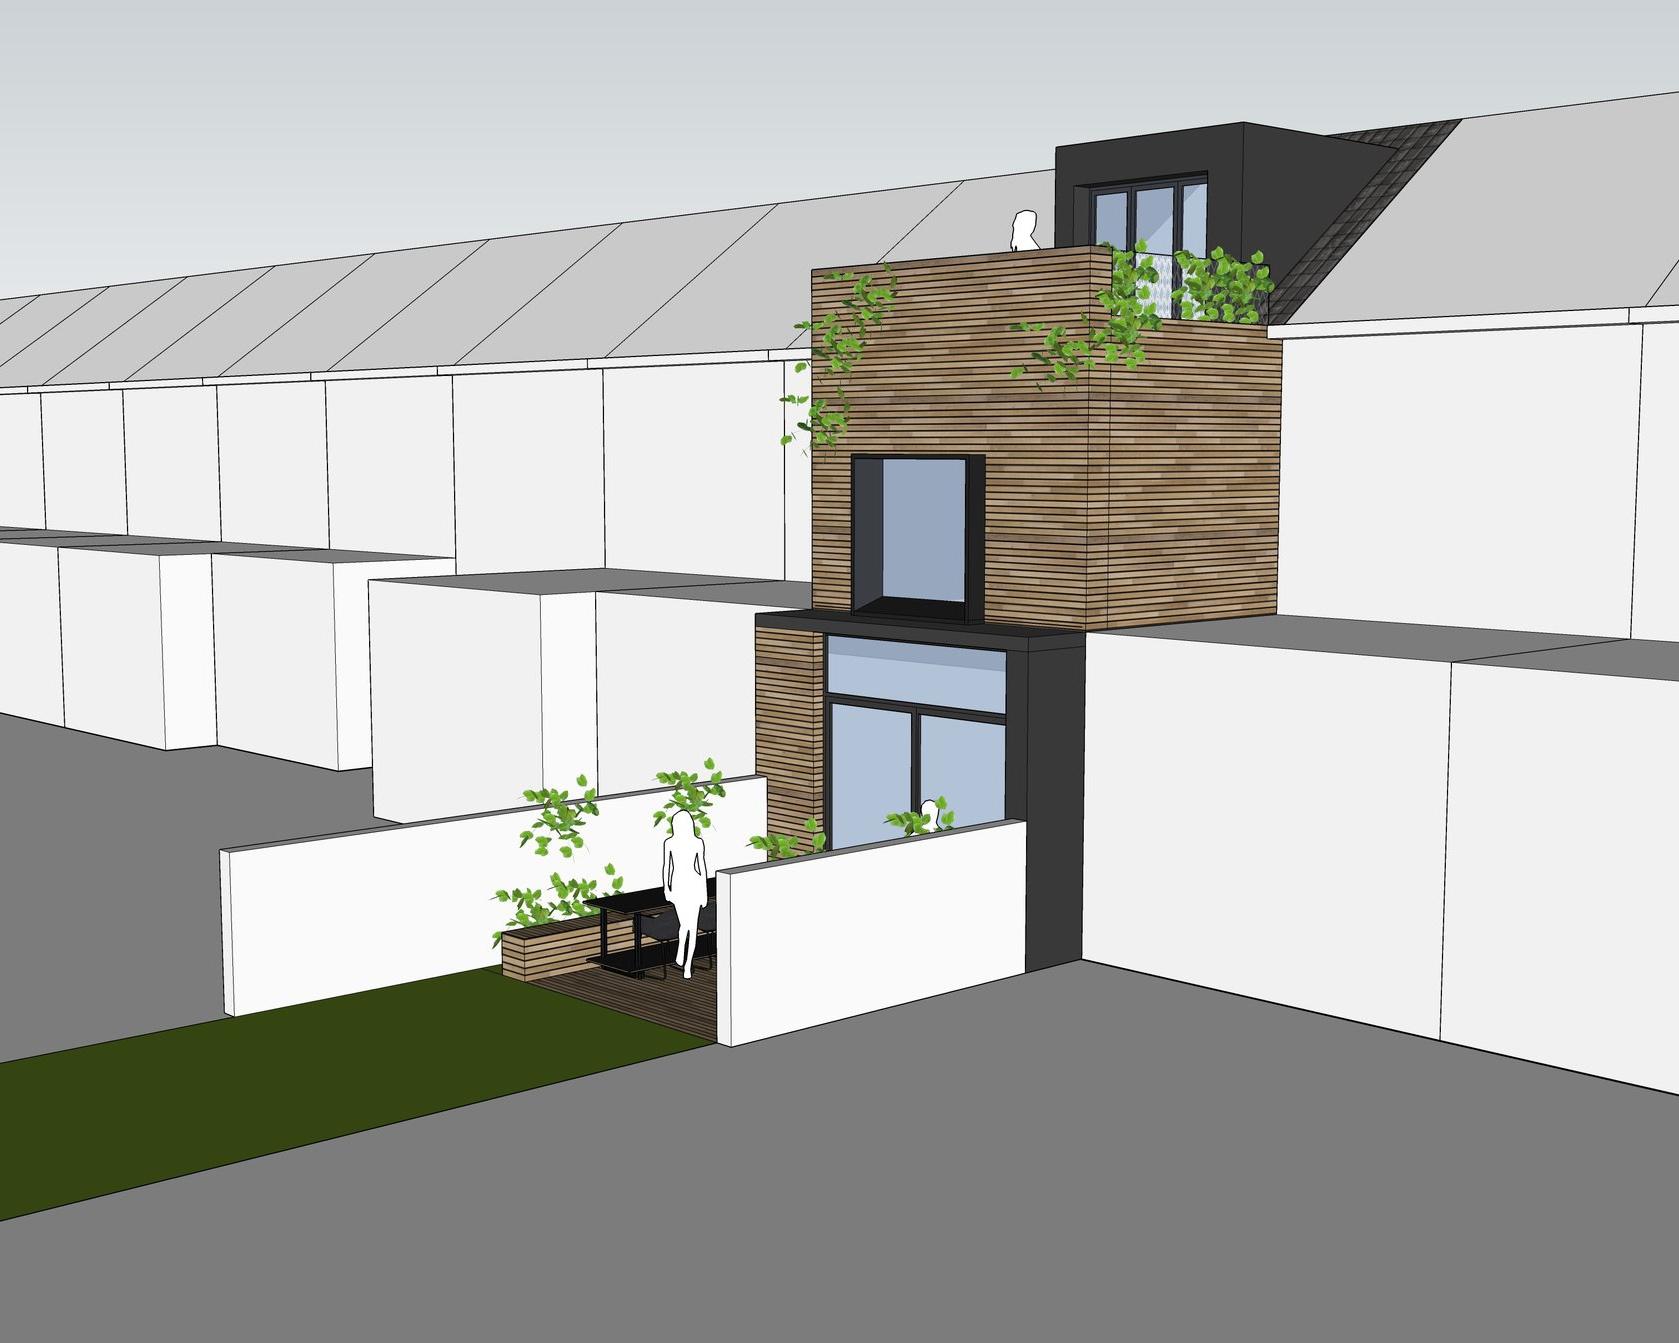 rijwoning+-+tuin+3.jpg